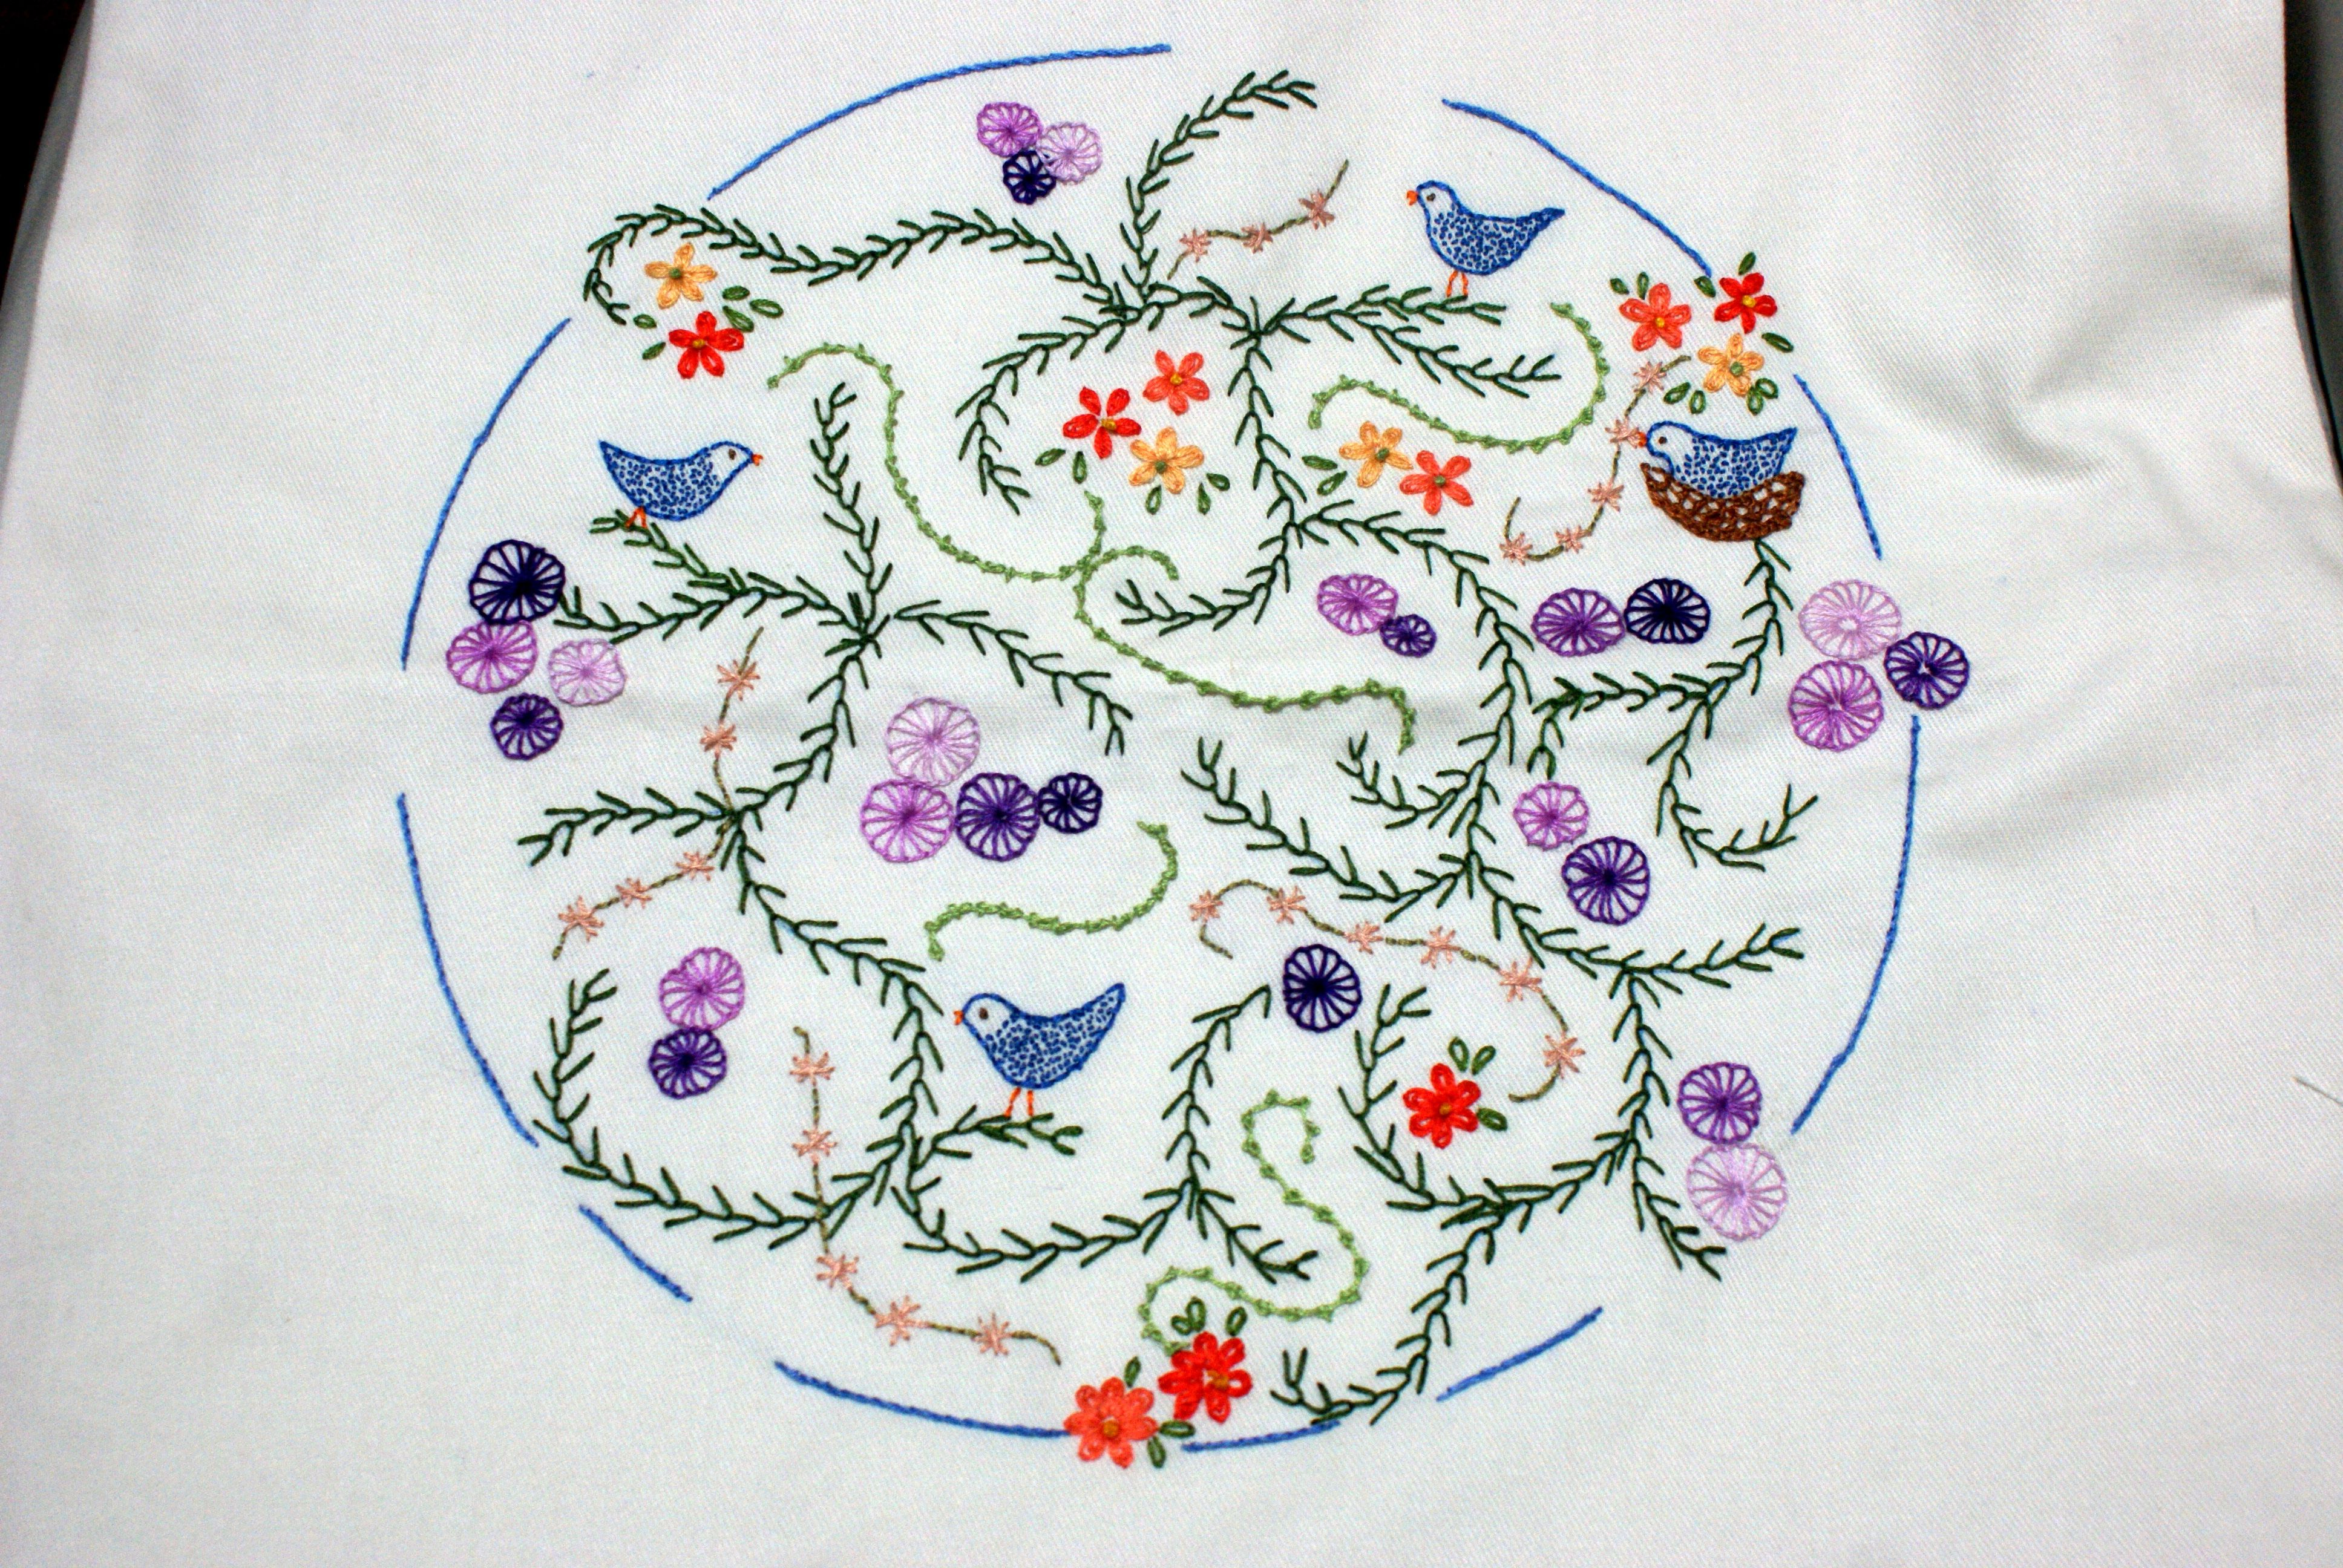 Mandala de pássaros - almofada - bordado livre